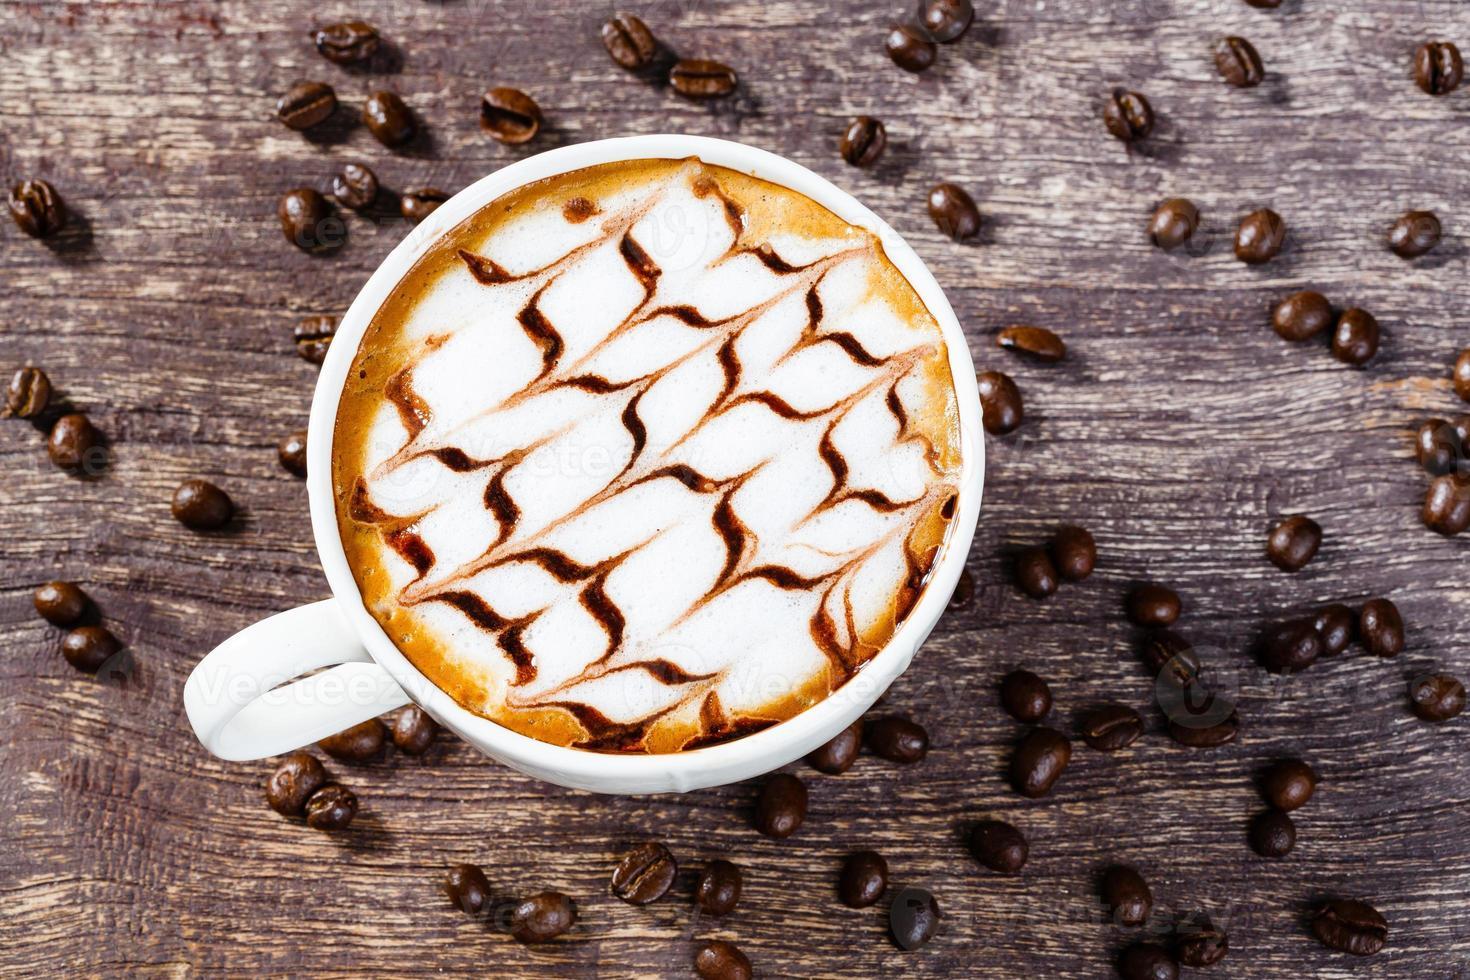 kopp kaffe och rostad böna på gamla träbord foto